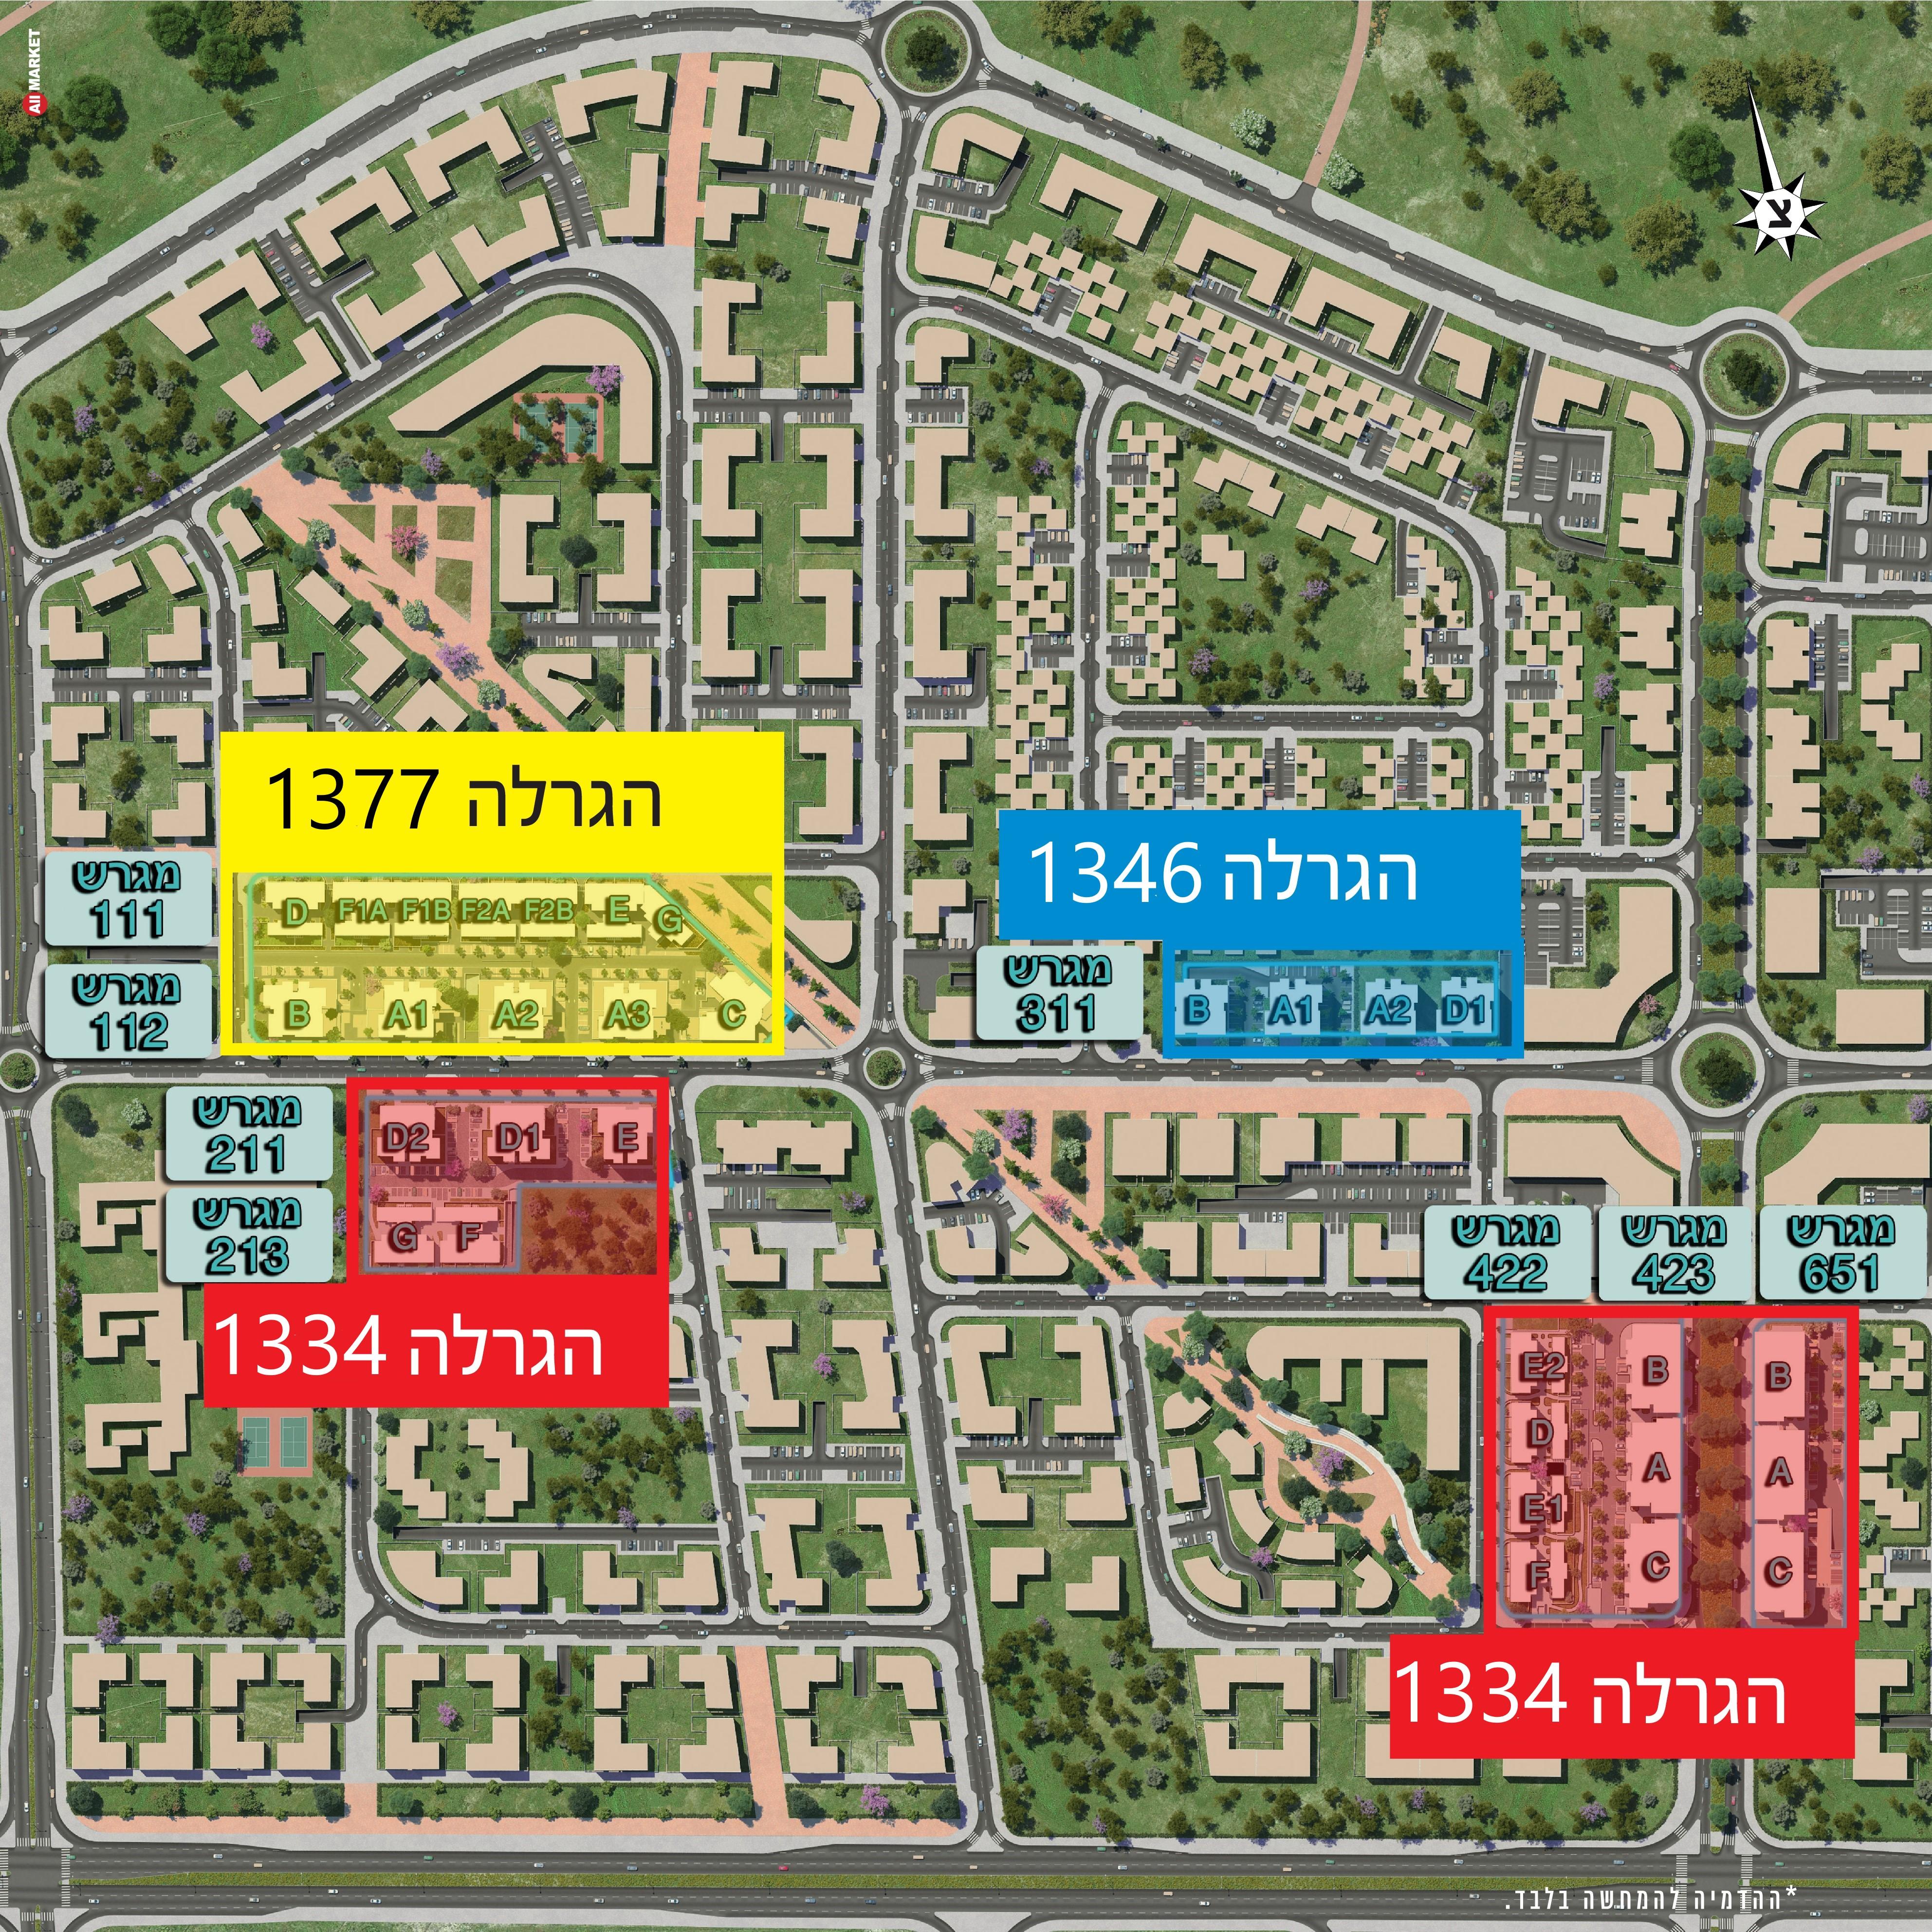 באר שבע טאץ מתחם מגורים מעוצב בבירת הנגב